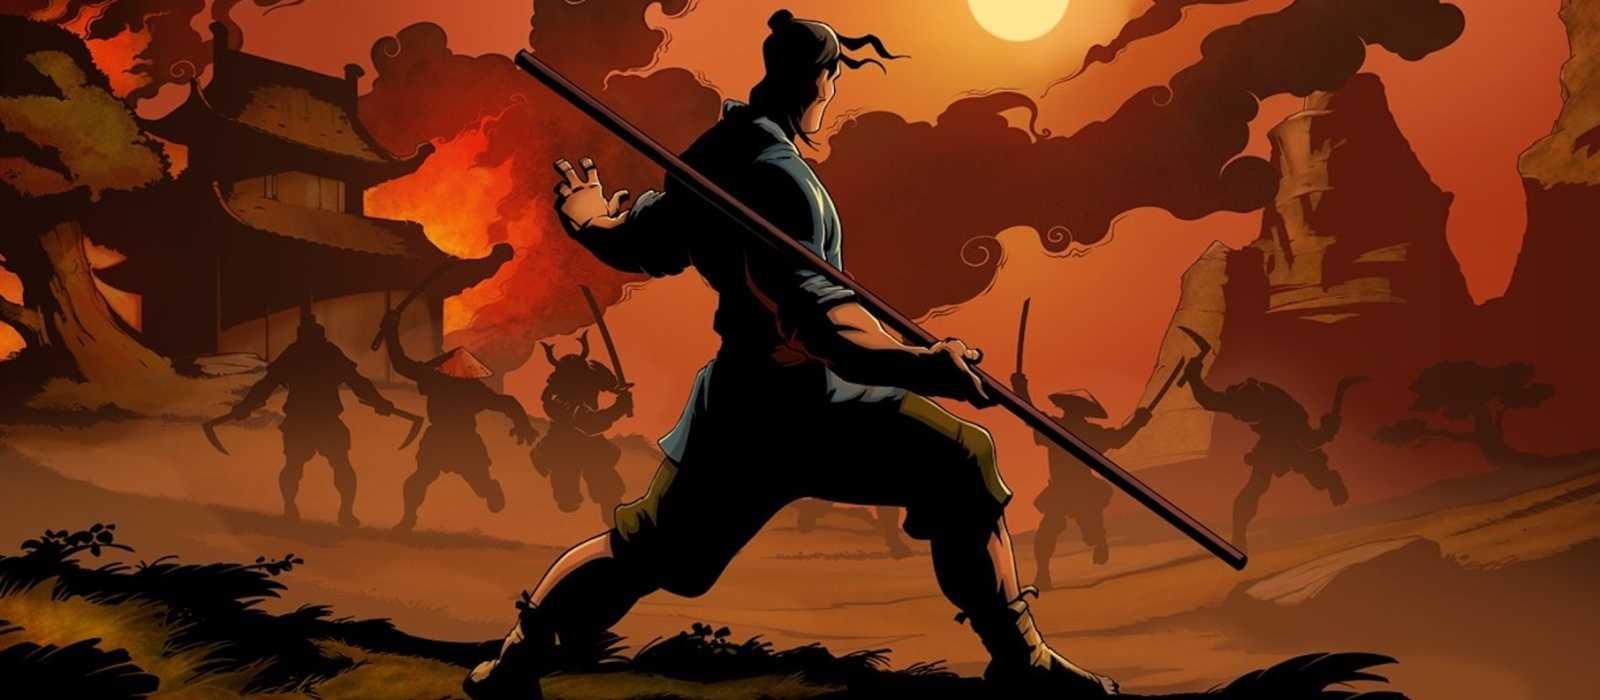 Piraten haben ein Action-Spiel über Kung Fu von russischen Entwicklern auf Torrents veröffentlicht. Das Spiel hat gute Noten